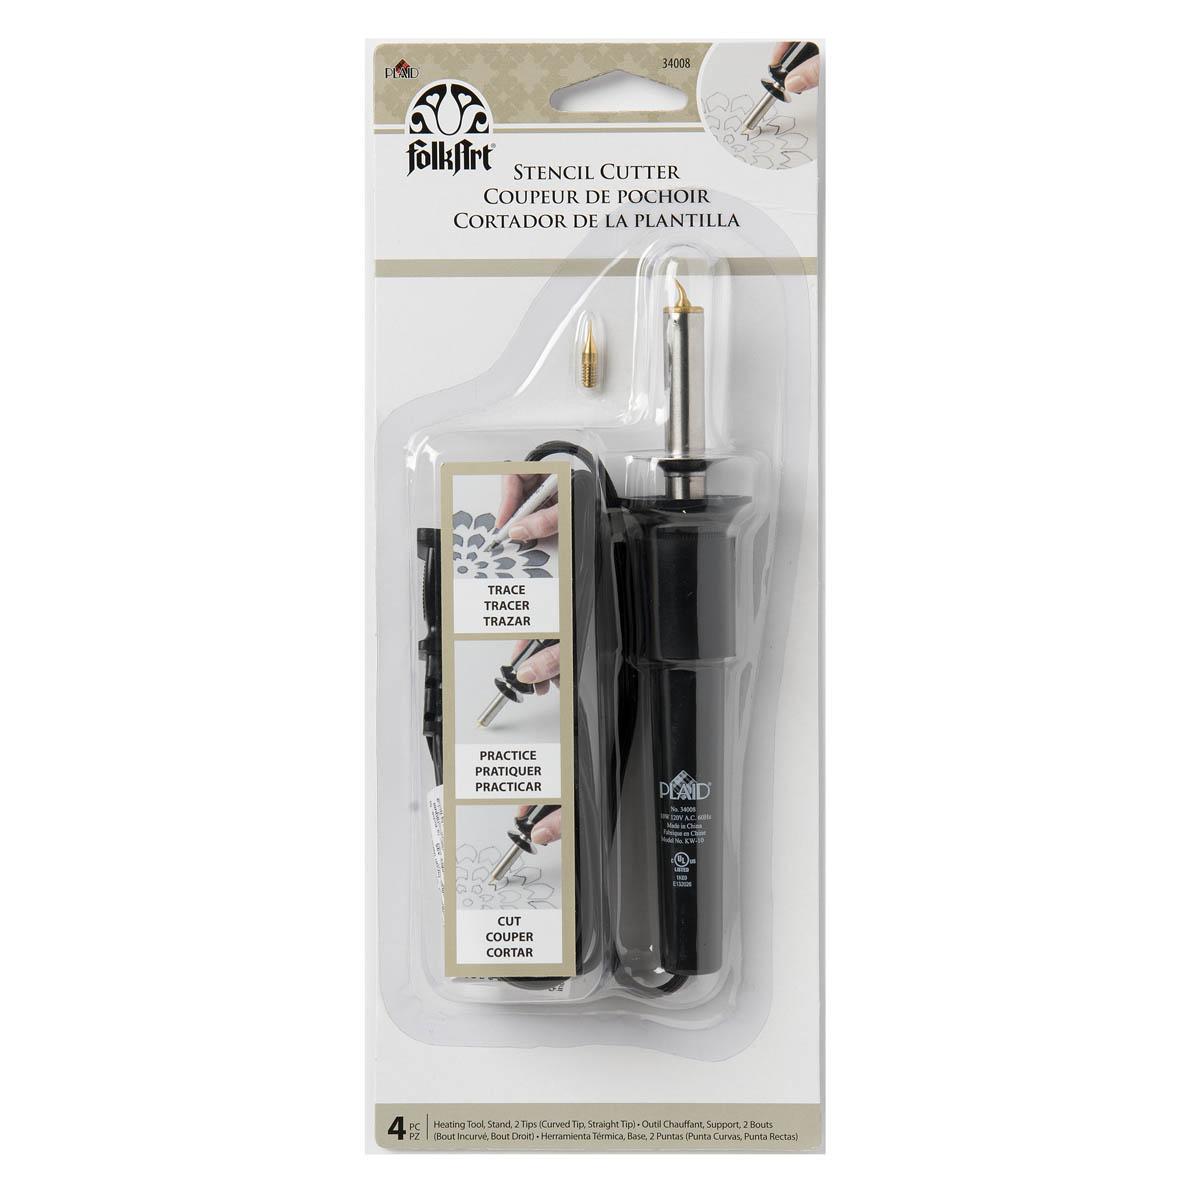 FolkArt ® Painting Tools - Stencil Cutter